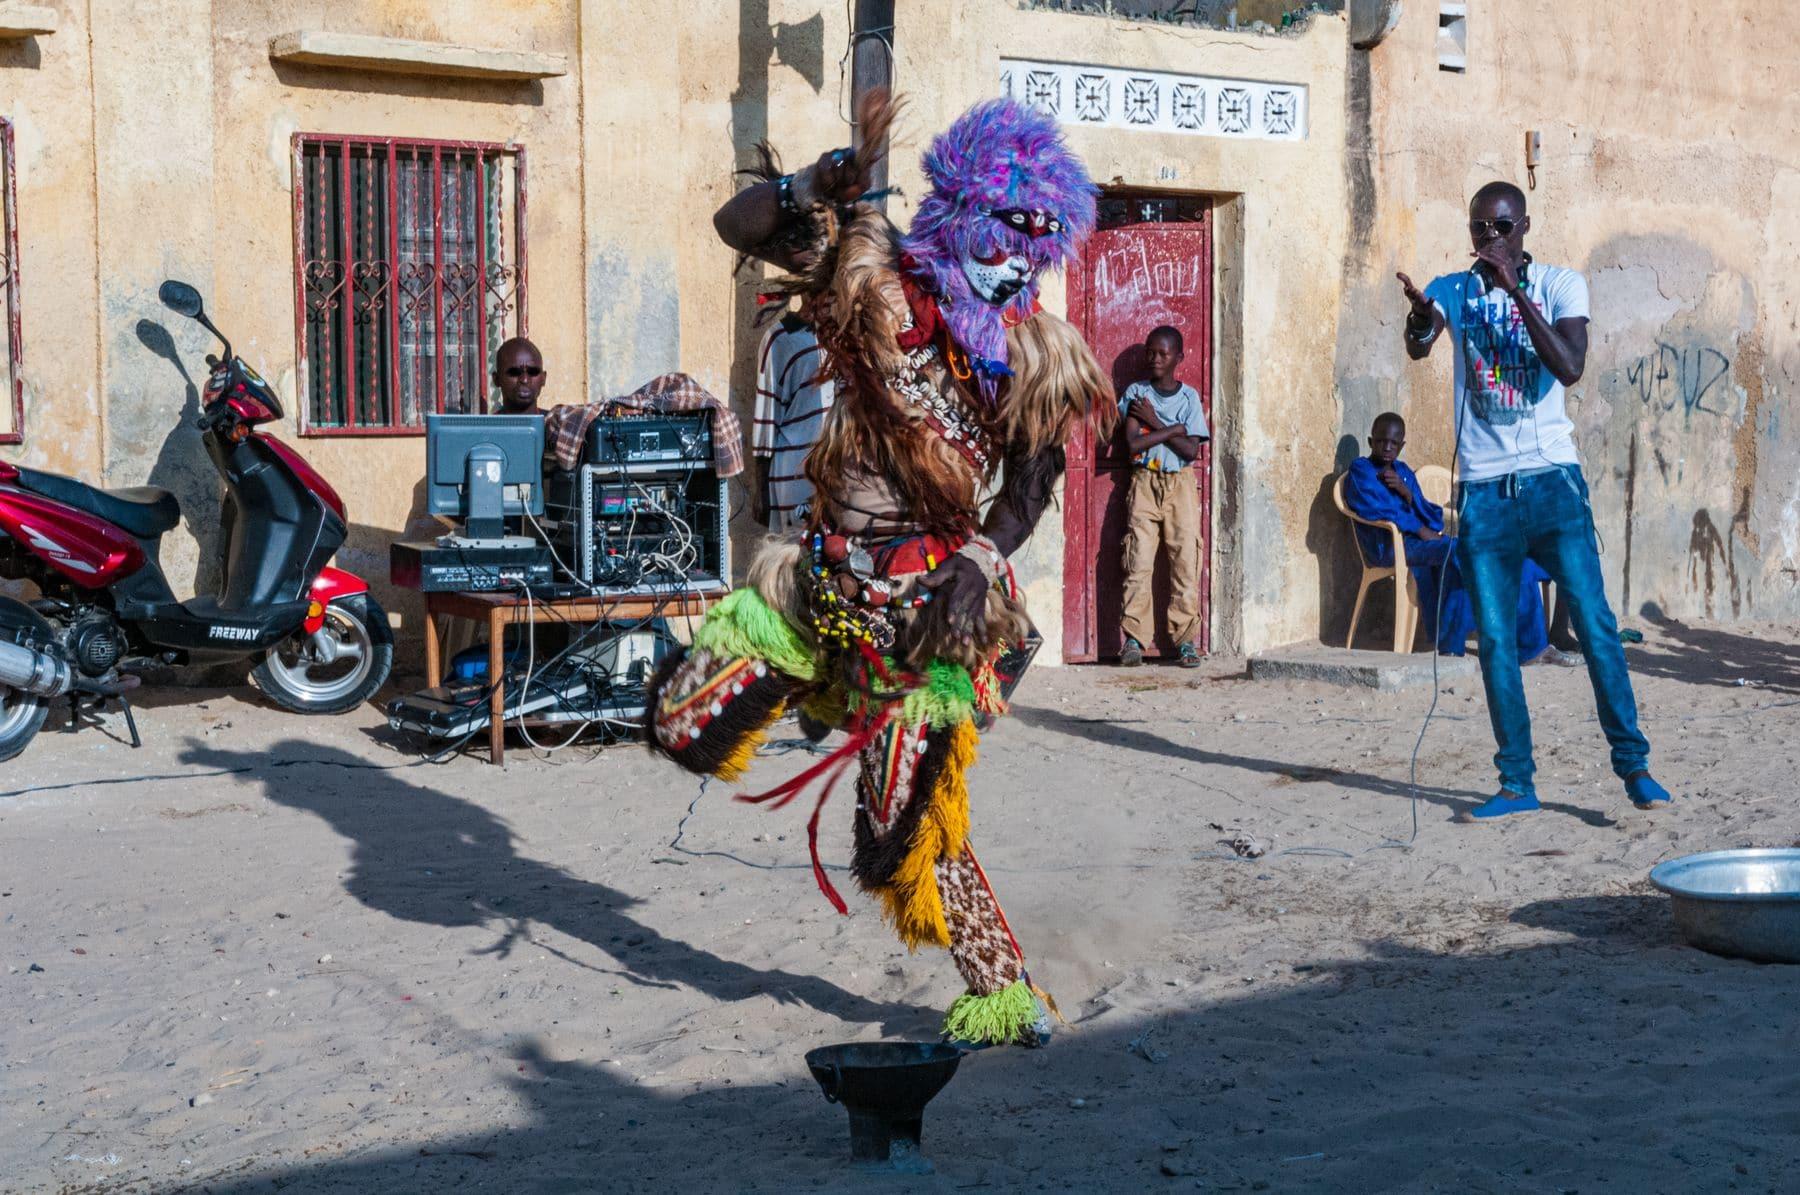 MichelAycaguer-LeSimb-LeFauxLion-SaintLouis-Senegal-26